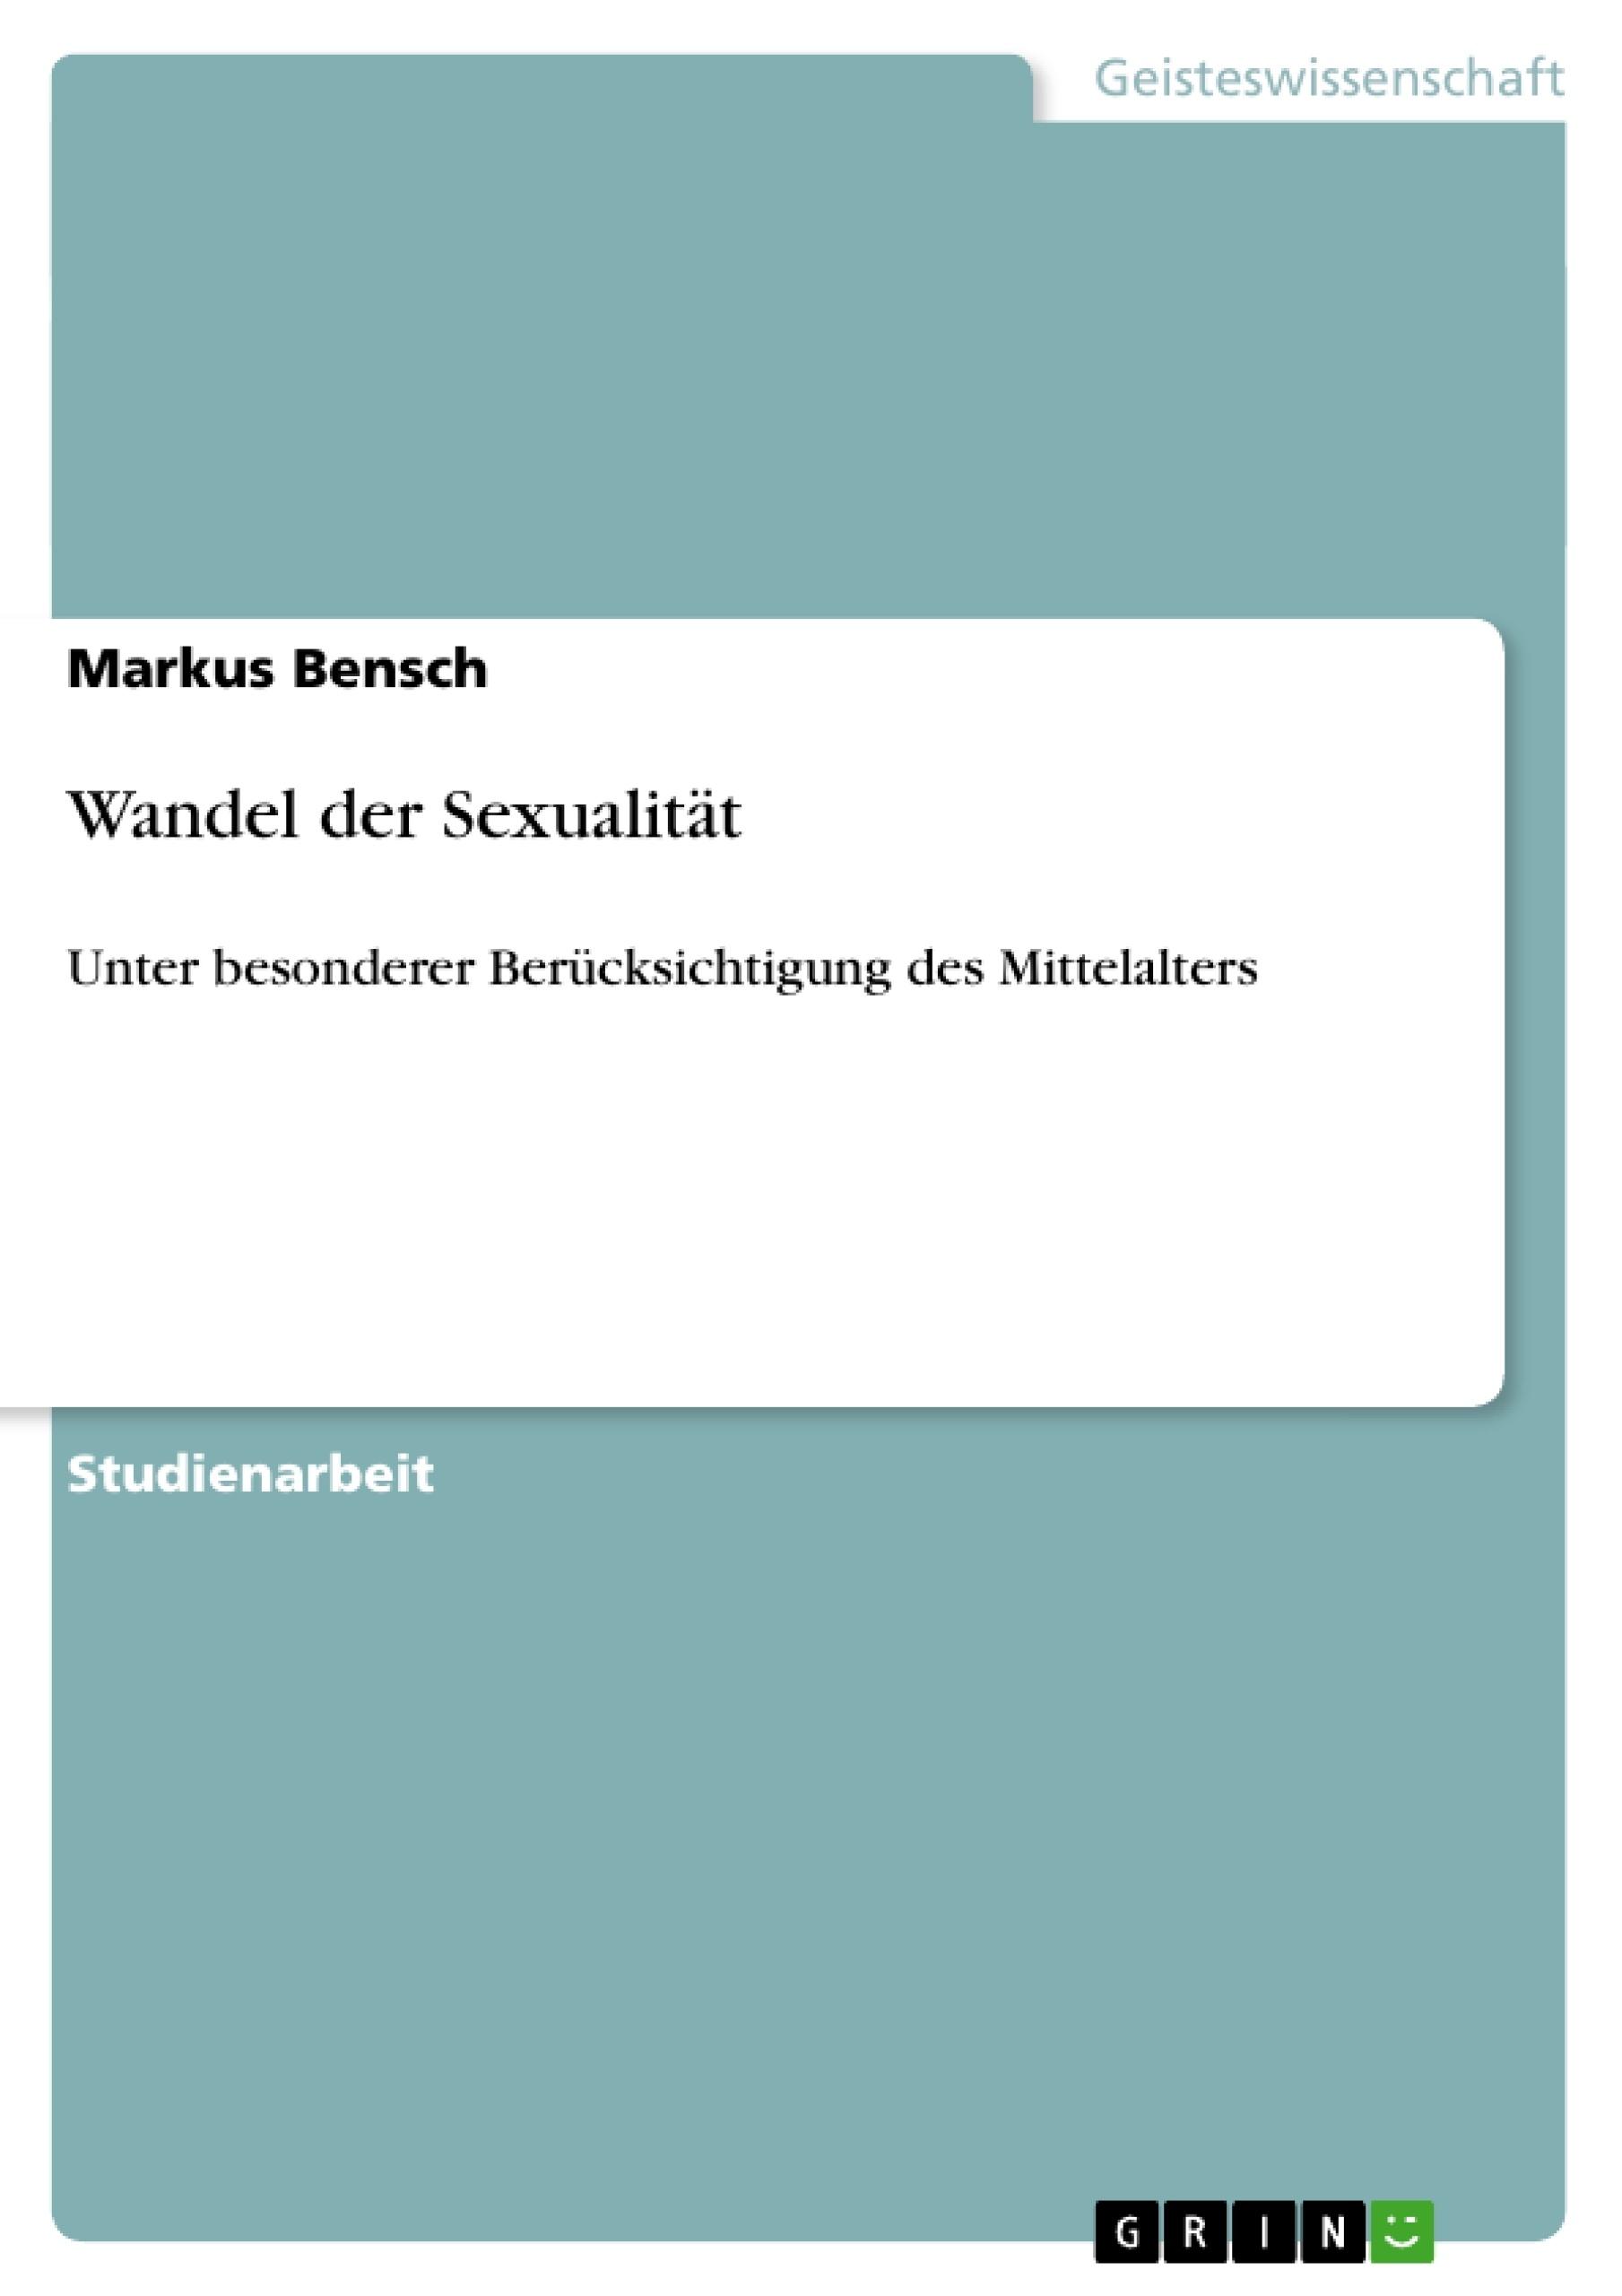 Titel: Wandel der Sexualität